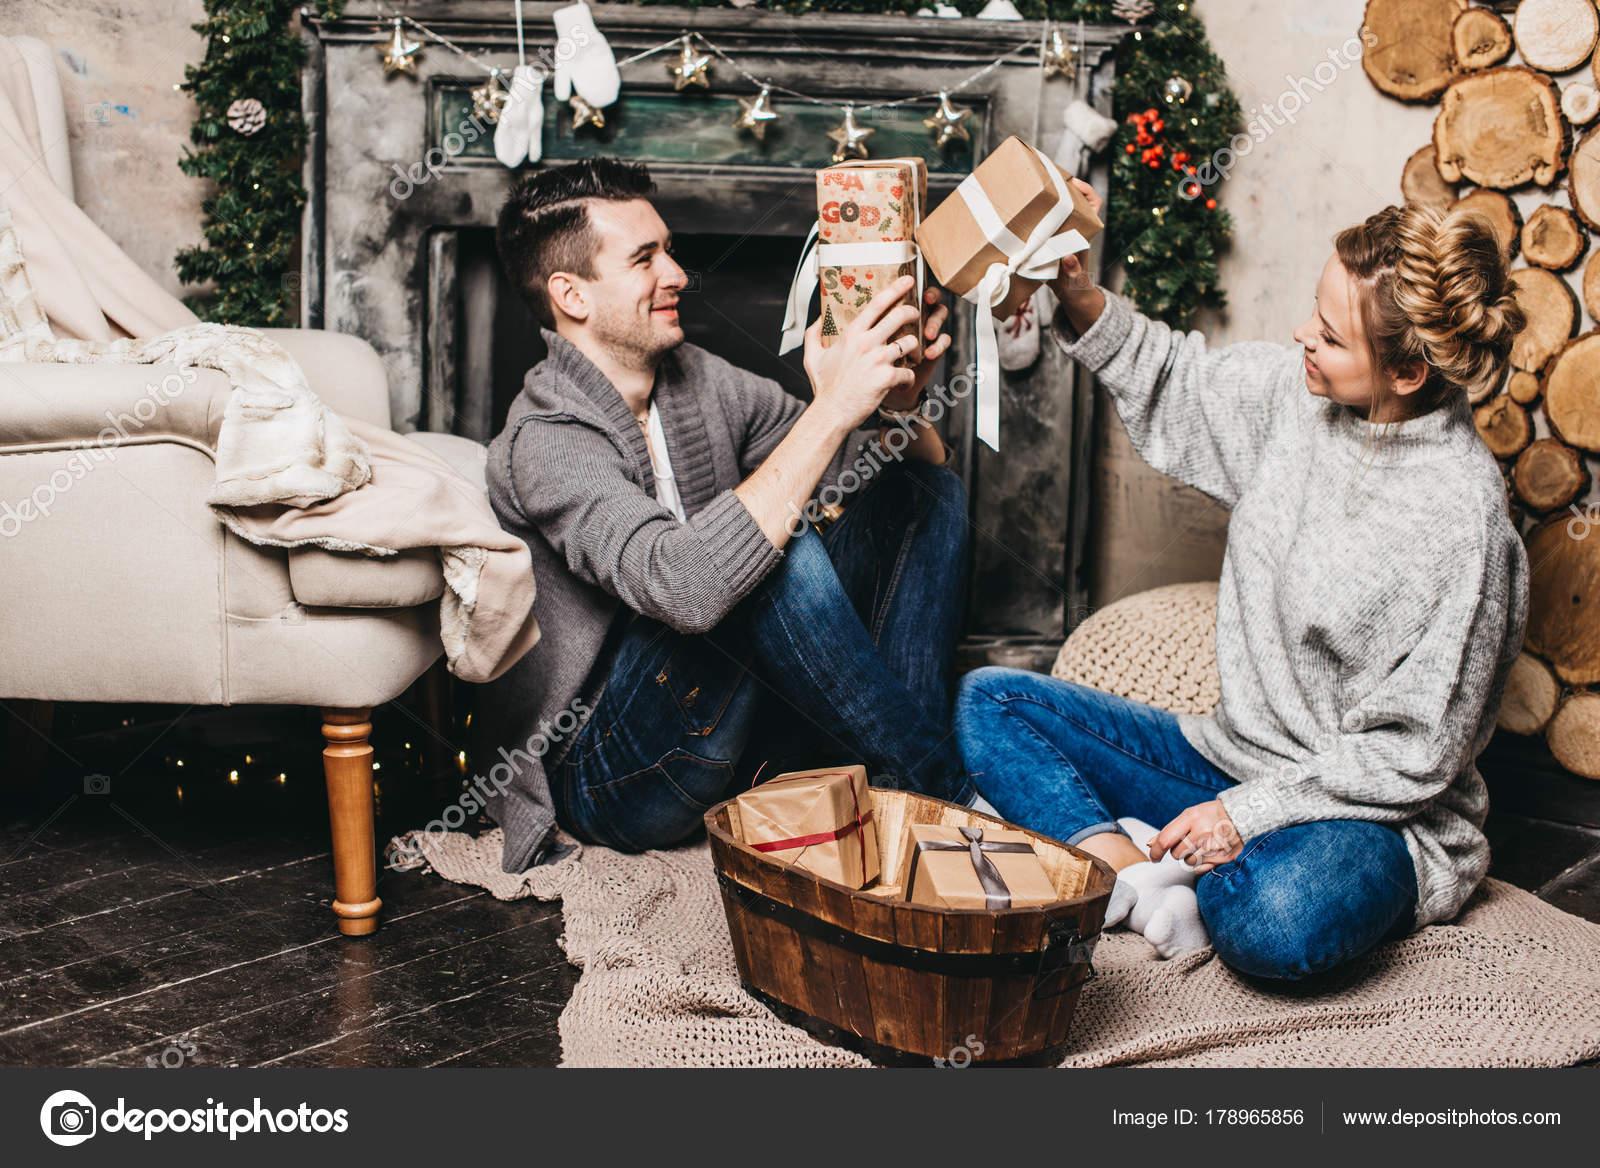 Regali Di Natale Romantici.Coppie Romantiche Che Scambio Regali Natale Casa Concetto Natale